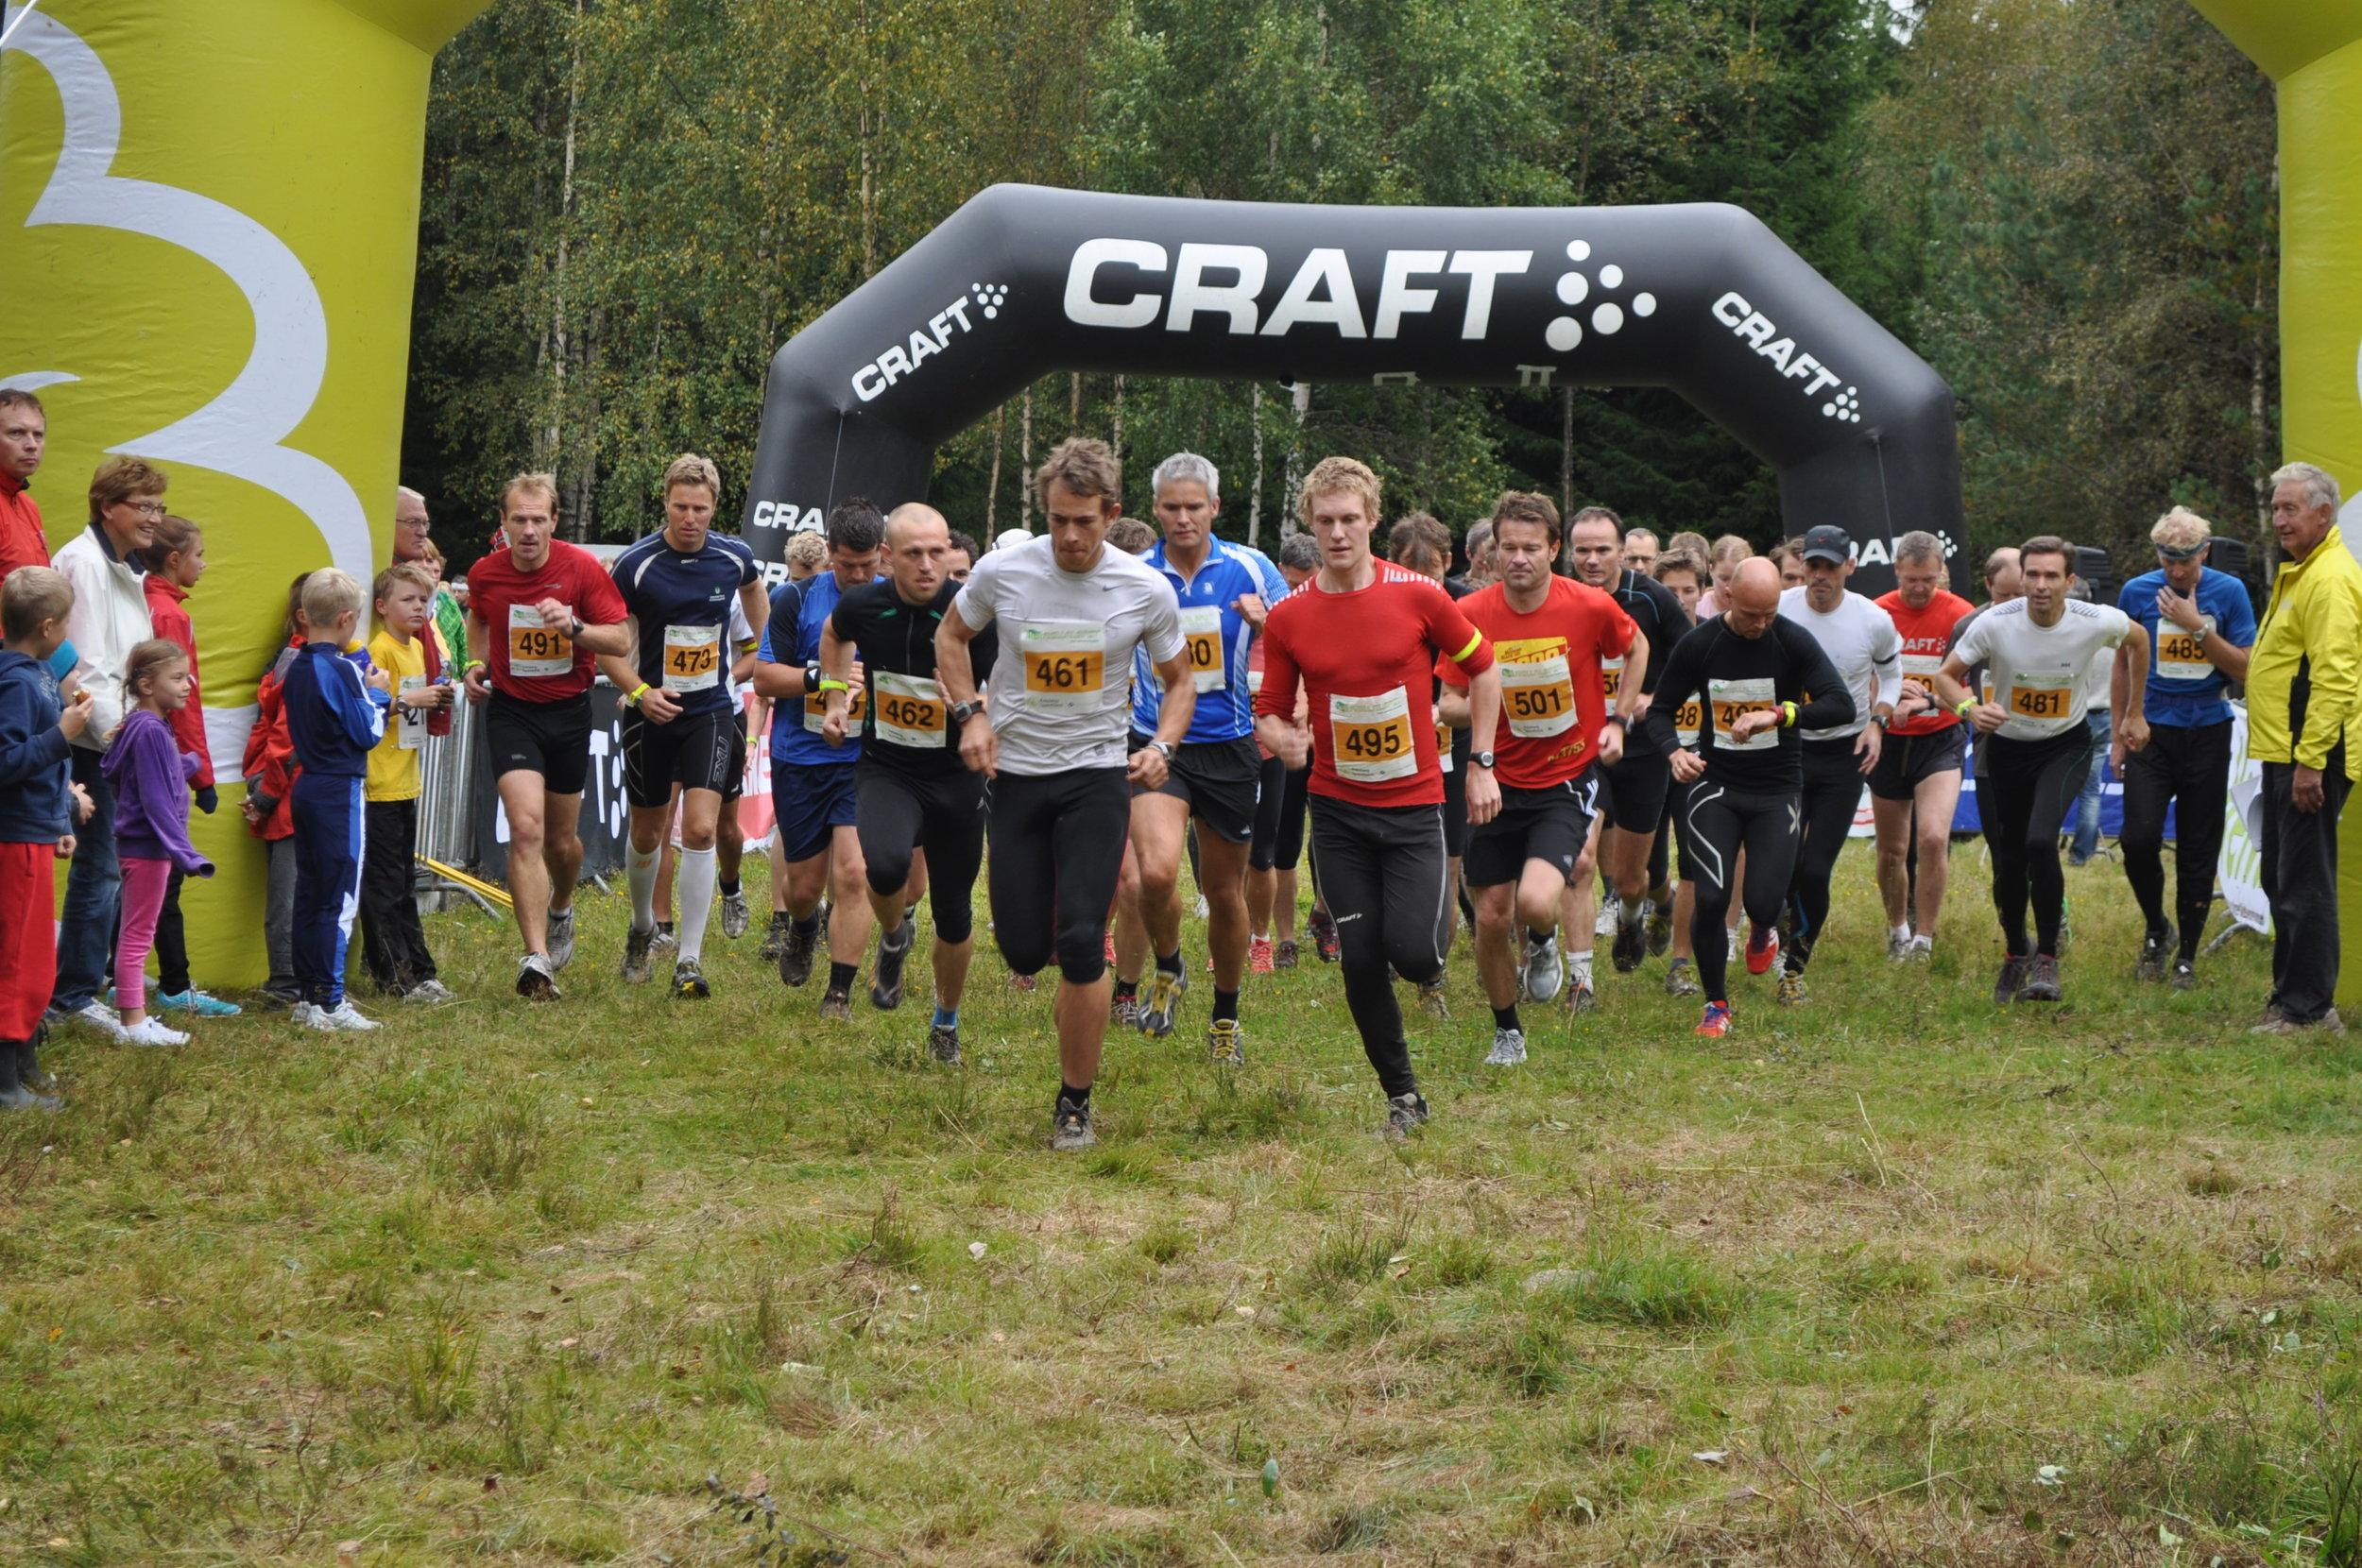 21 km rekorder: - Damer: Anne Johanne Lind NørbechTid: 1:37:40 (2018)Herrer: Pål Asbjørn KullerudTid: 1:25:53 (2014)